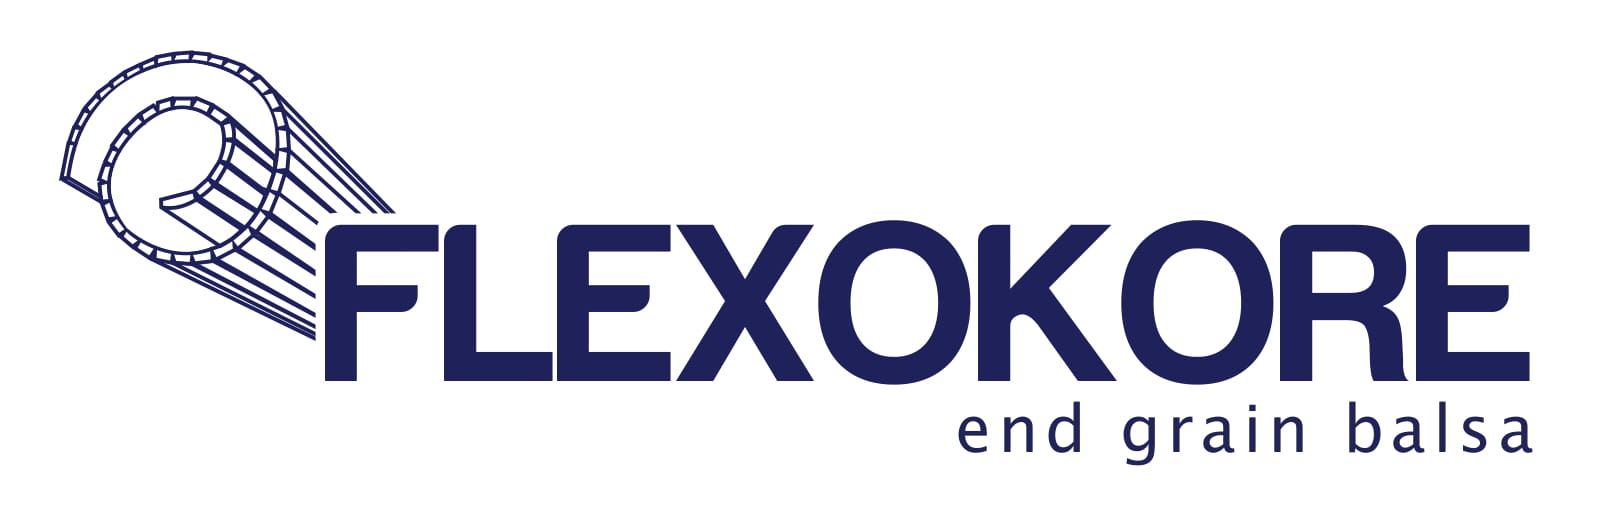 LOGO cambios flexokore-1.jpg